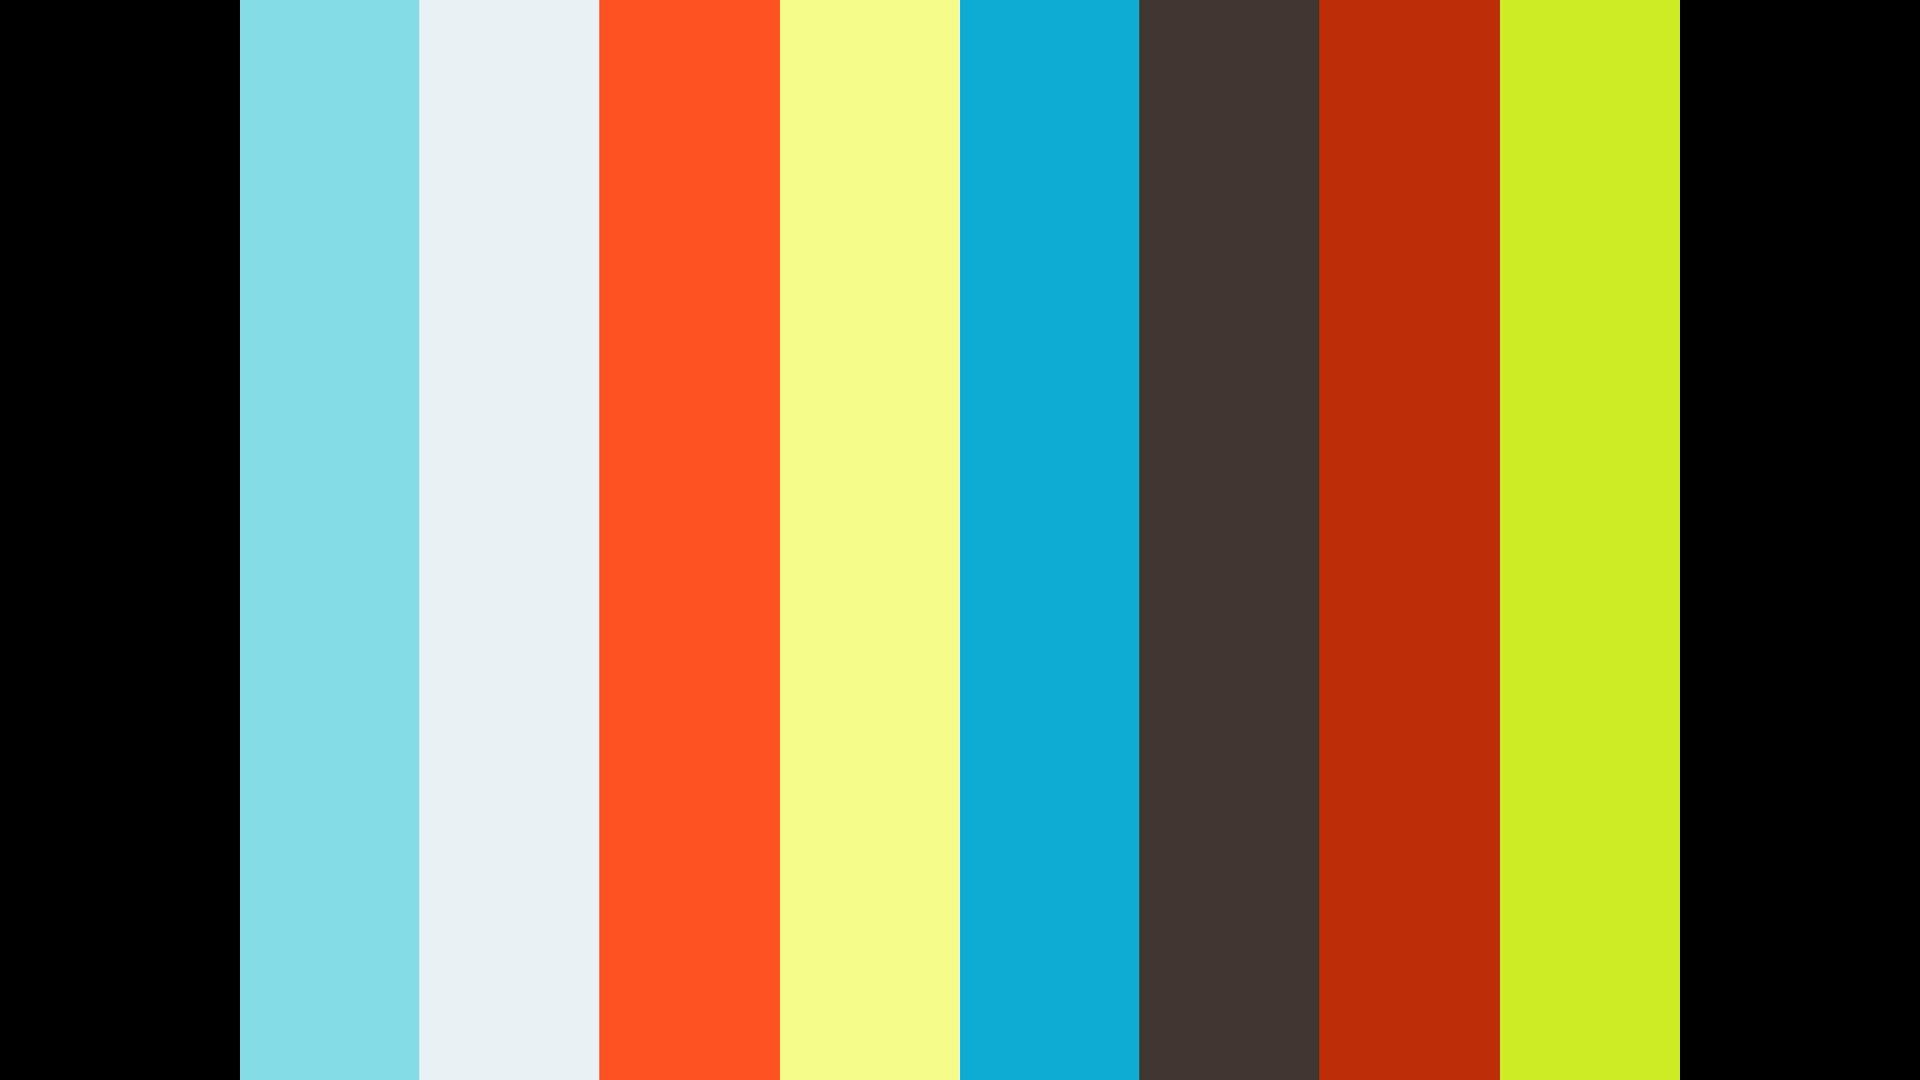 Música de fondo para presentaciones vídeos corporativos tutoriales | Videocontent Tu vídeo desde 350€ | 763675207 1920x1080?r=pad | videos-explicativos, videos-corporativos-videos, video, blogs